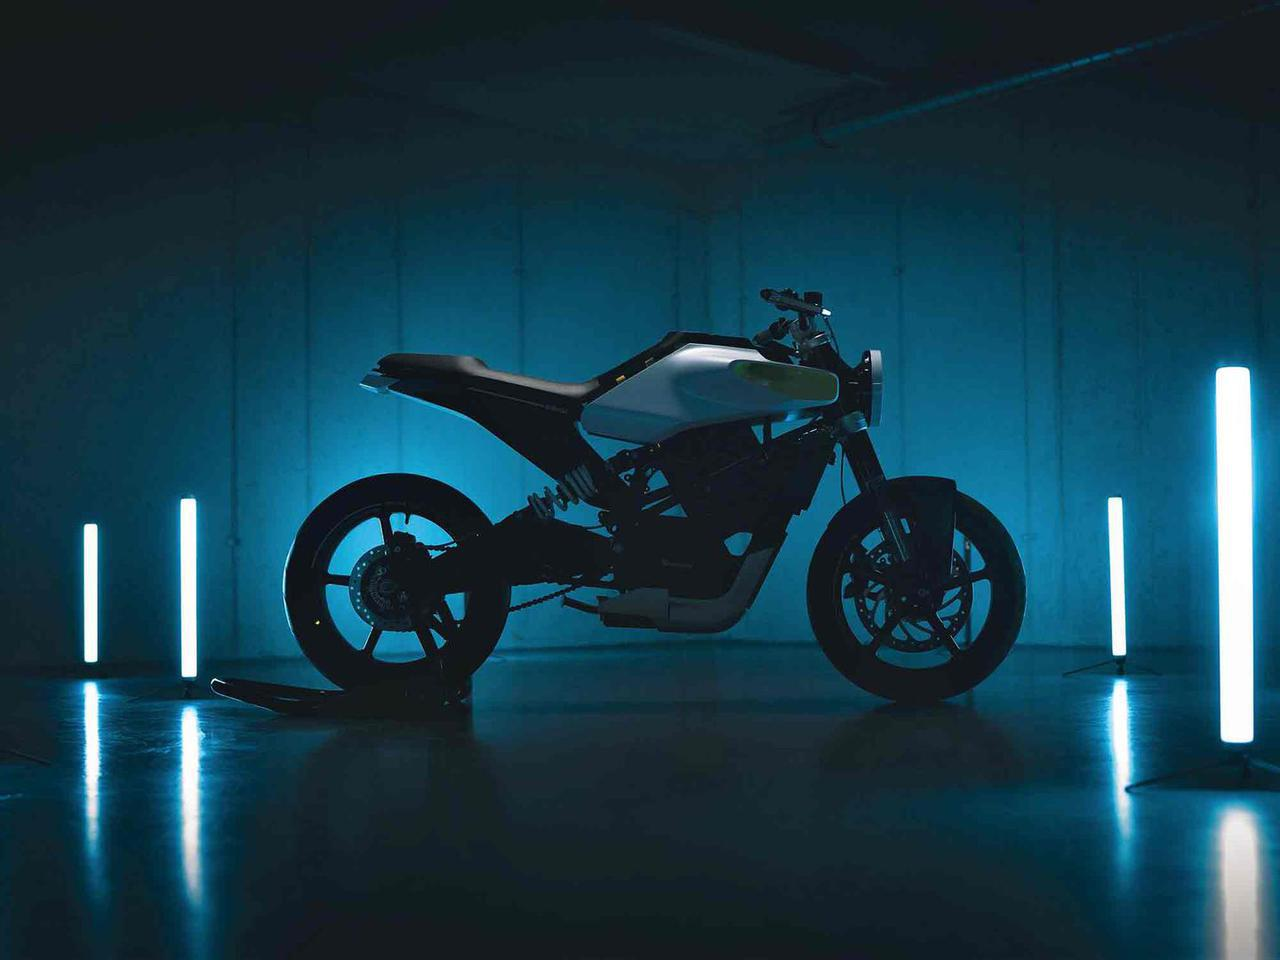 """画像: [動画] ハスクバーナの電動バイク、""""E-Pilenコンセプト""""はこのまま市販されることになるのでしょうか? - LAWRENCE - Motorcycle x Cars + α = Your Life."""